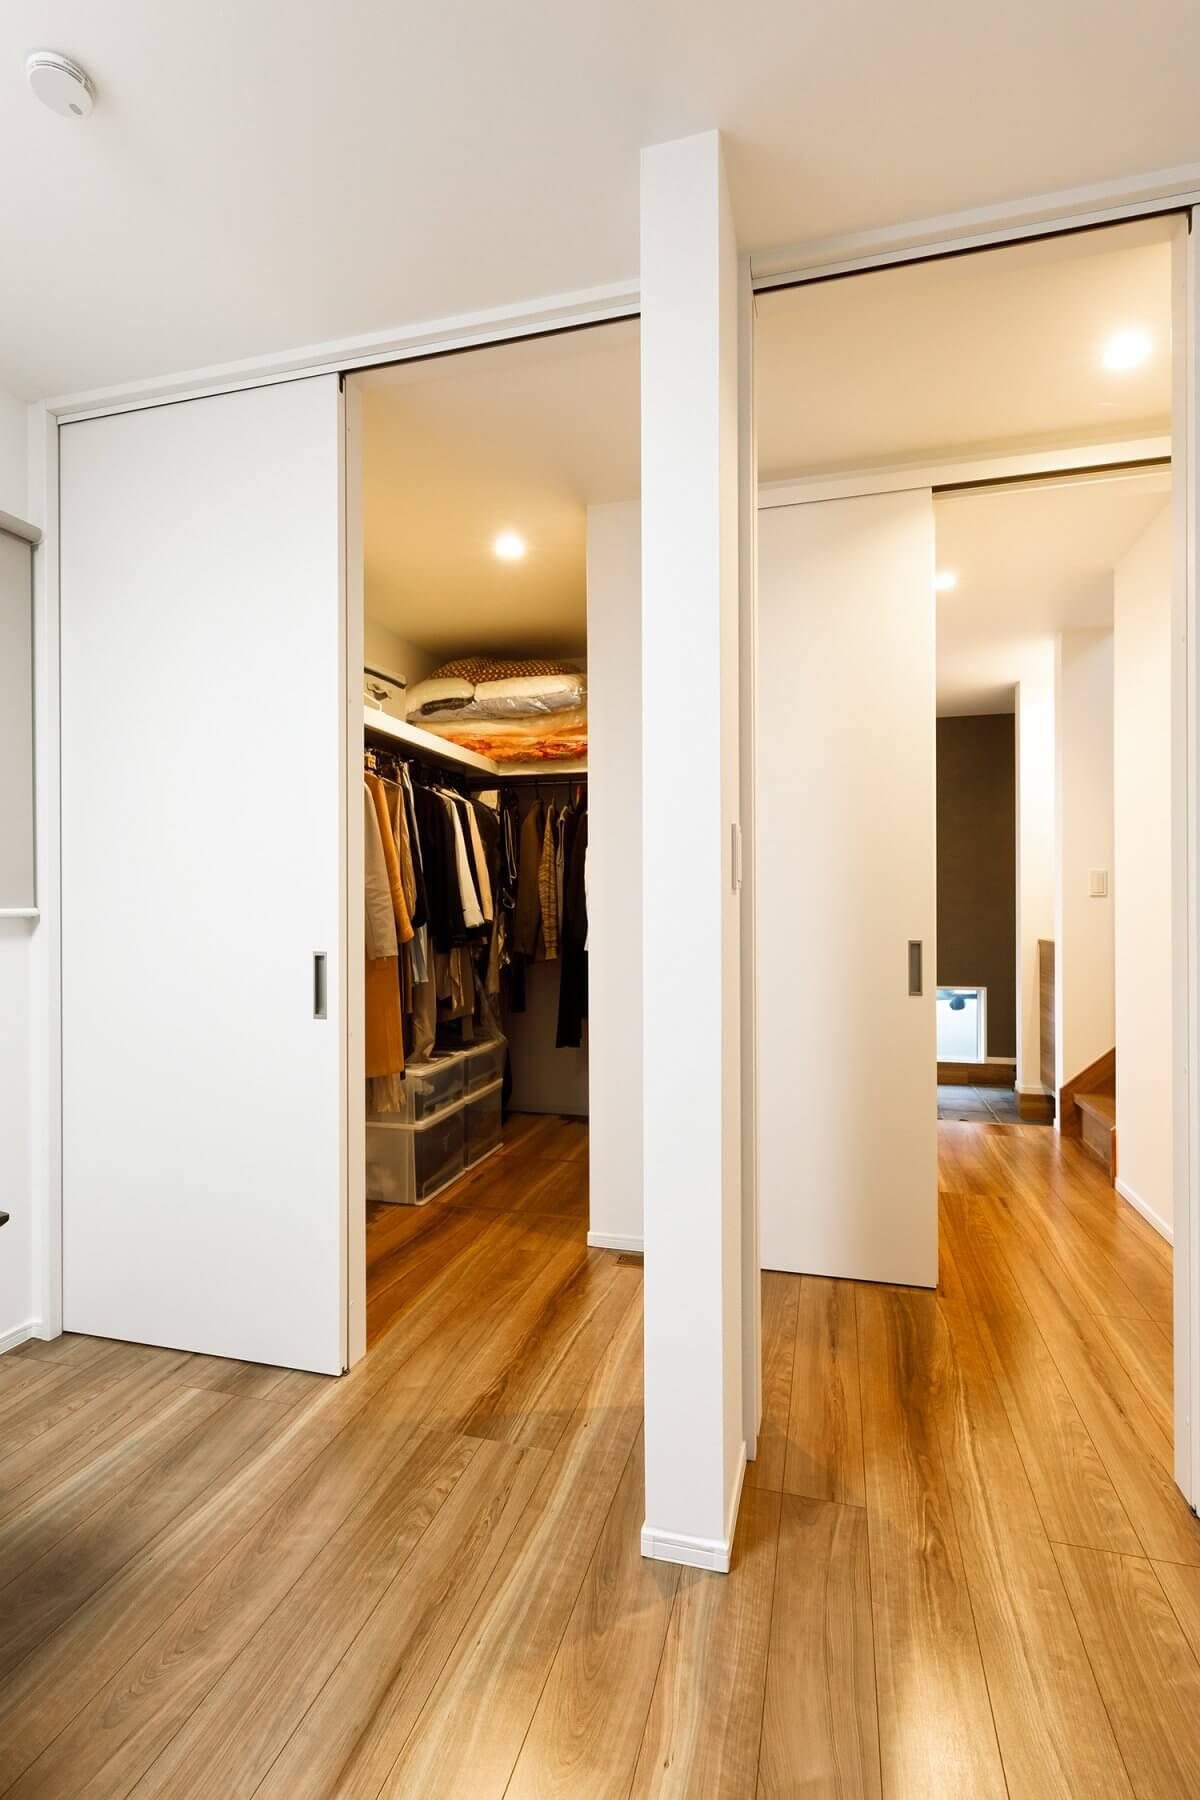 将来2部屋に分割することもできる、1階の個室。廊下側、個室側の両方からアクセスできる広いウォークイン・クローゼットを隣接させています。